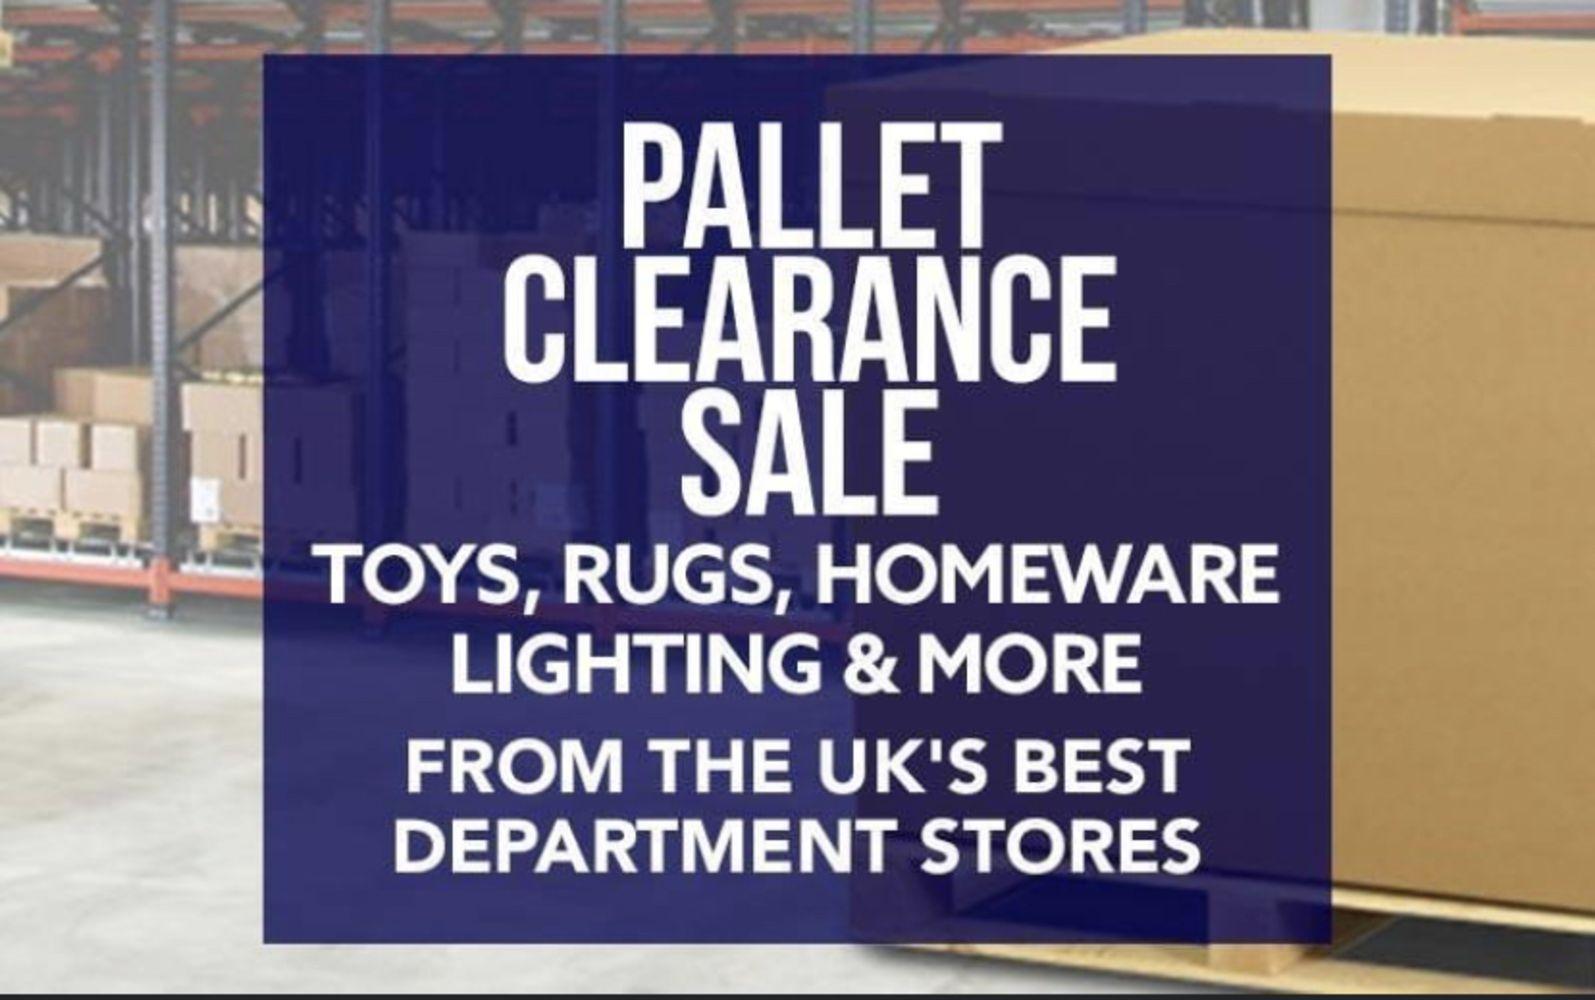 No Reserve - Pallet Clearance Sale! 12th April 2021